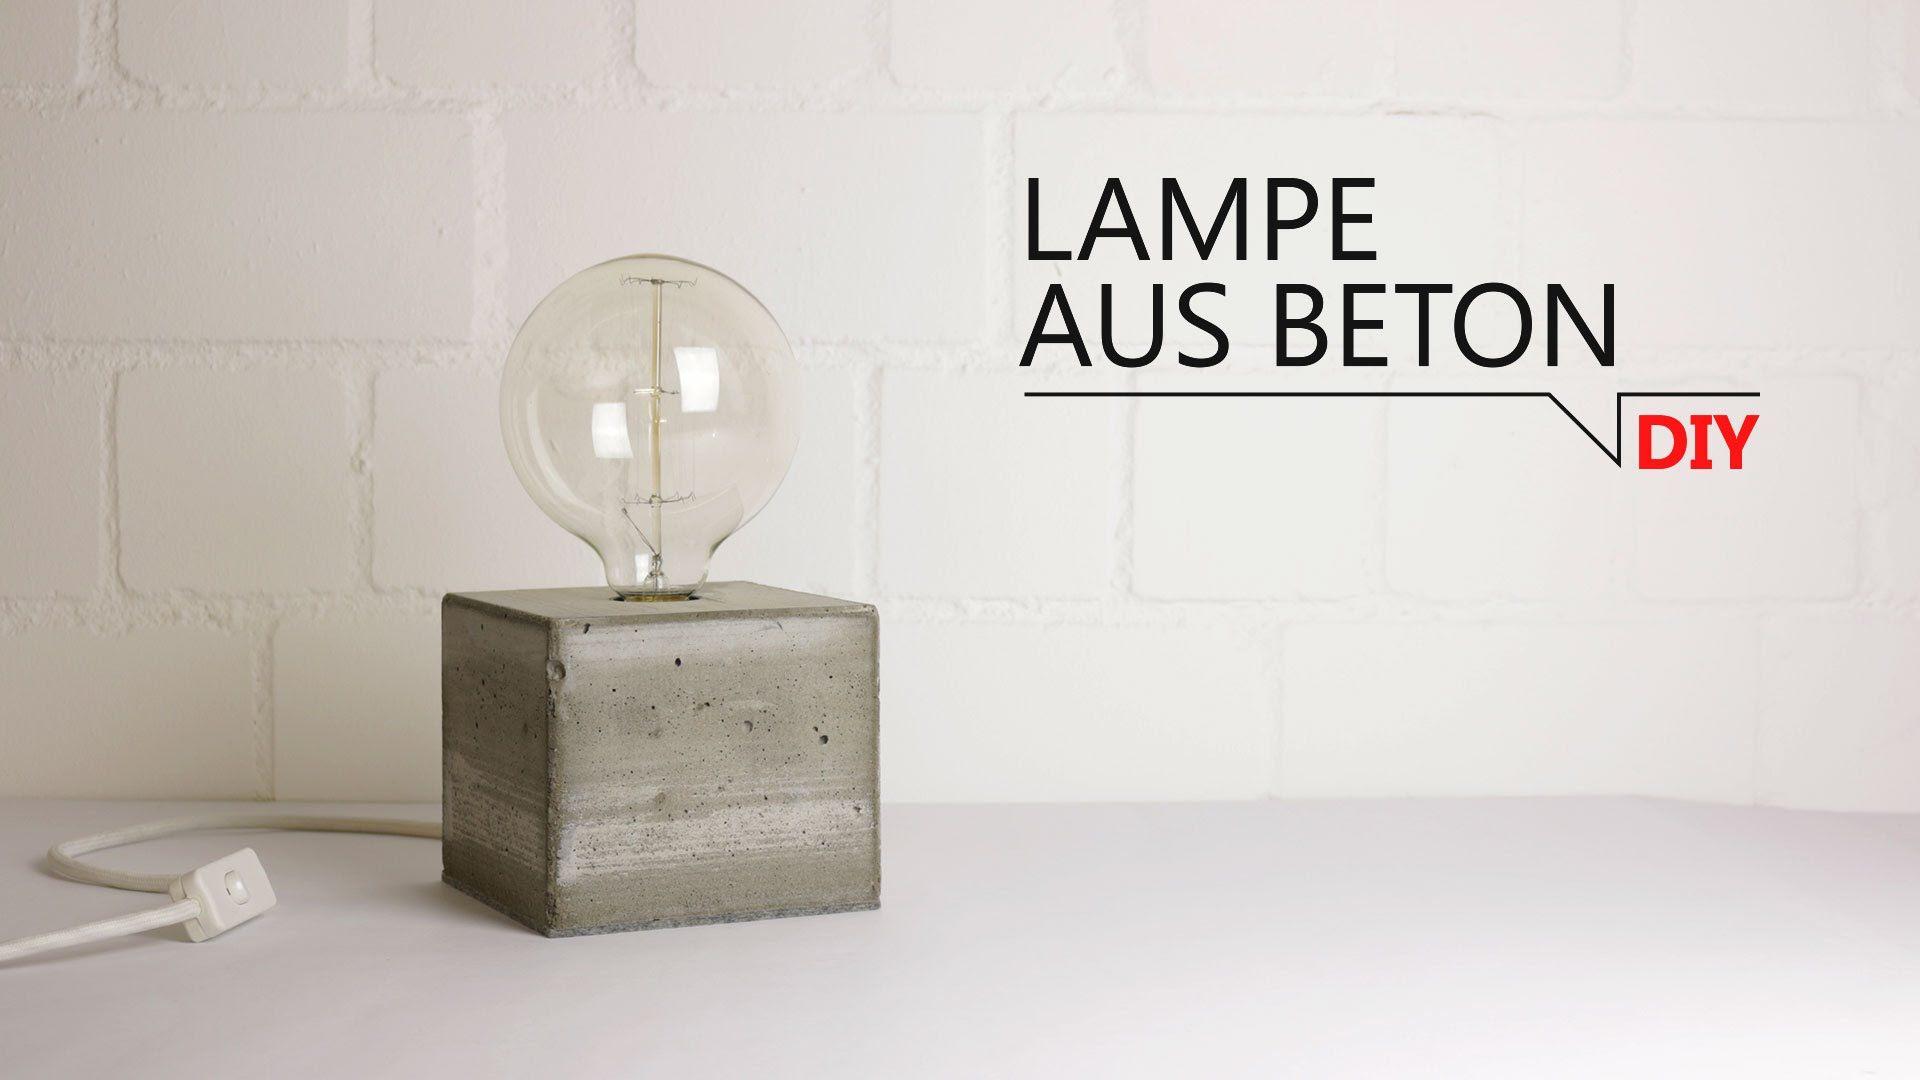 Eine Lampe Aus Beton Kann Man Mit Recht Einfachen Werkzeugen Und  Materialien Selbst Anfertigen. Natürlich